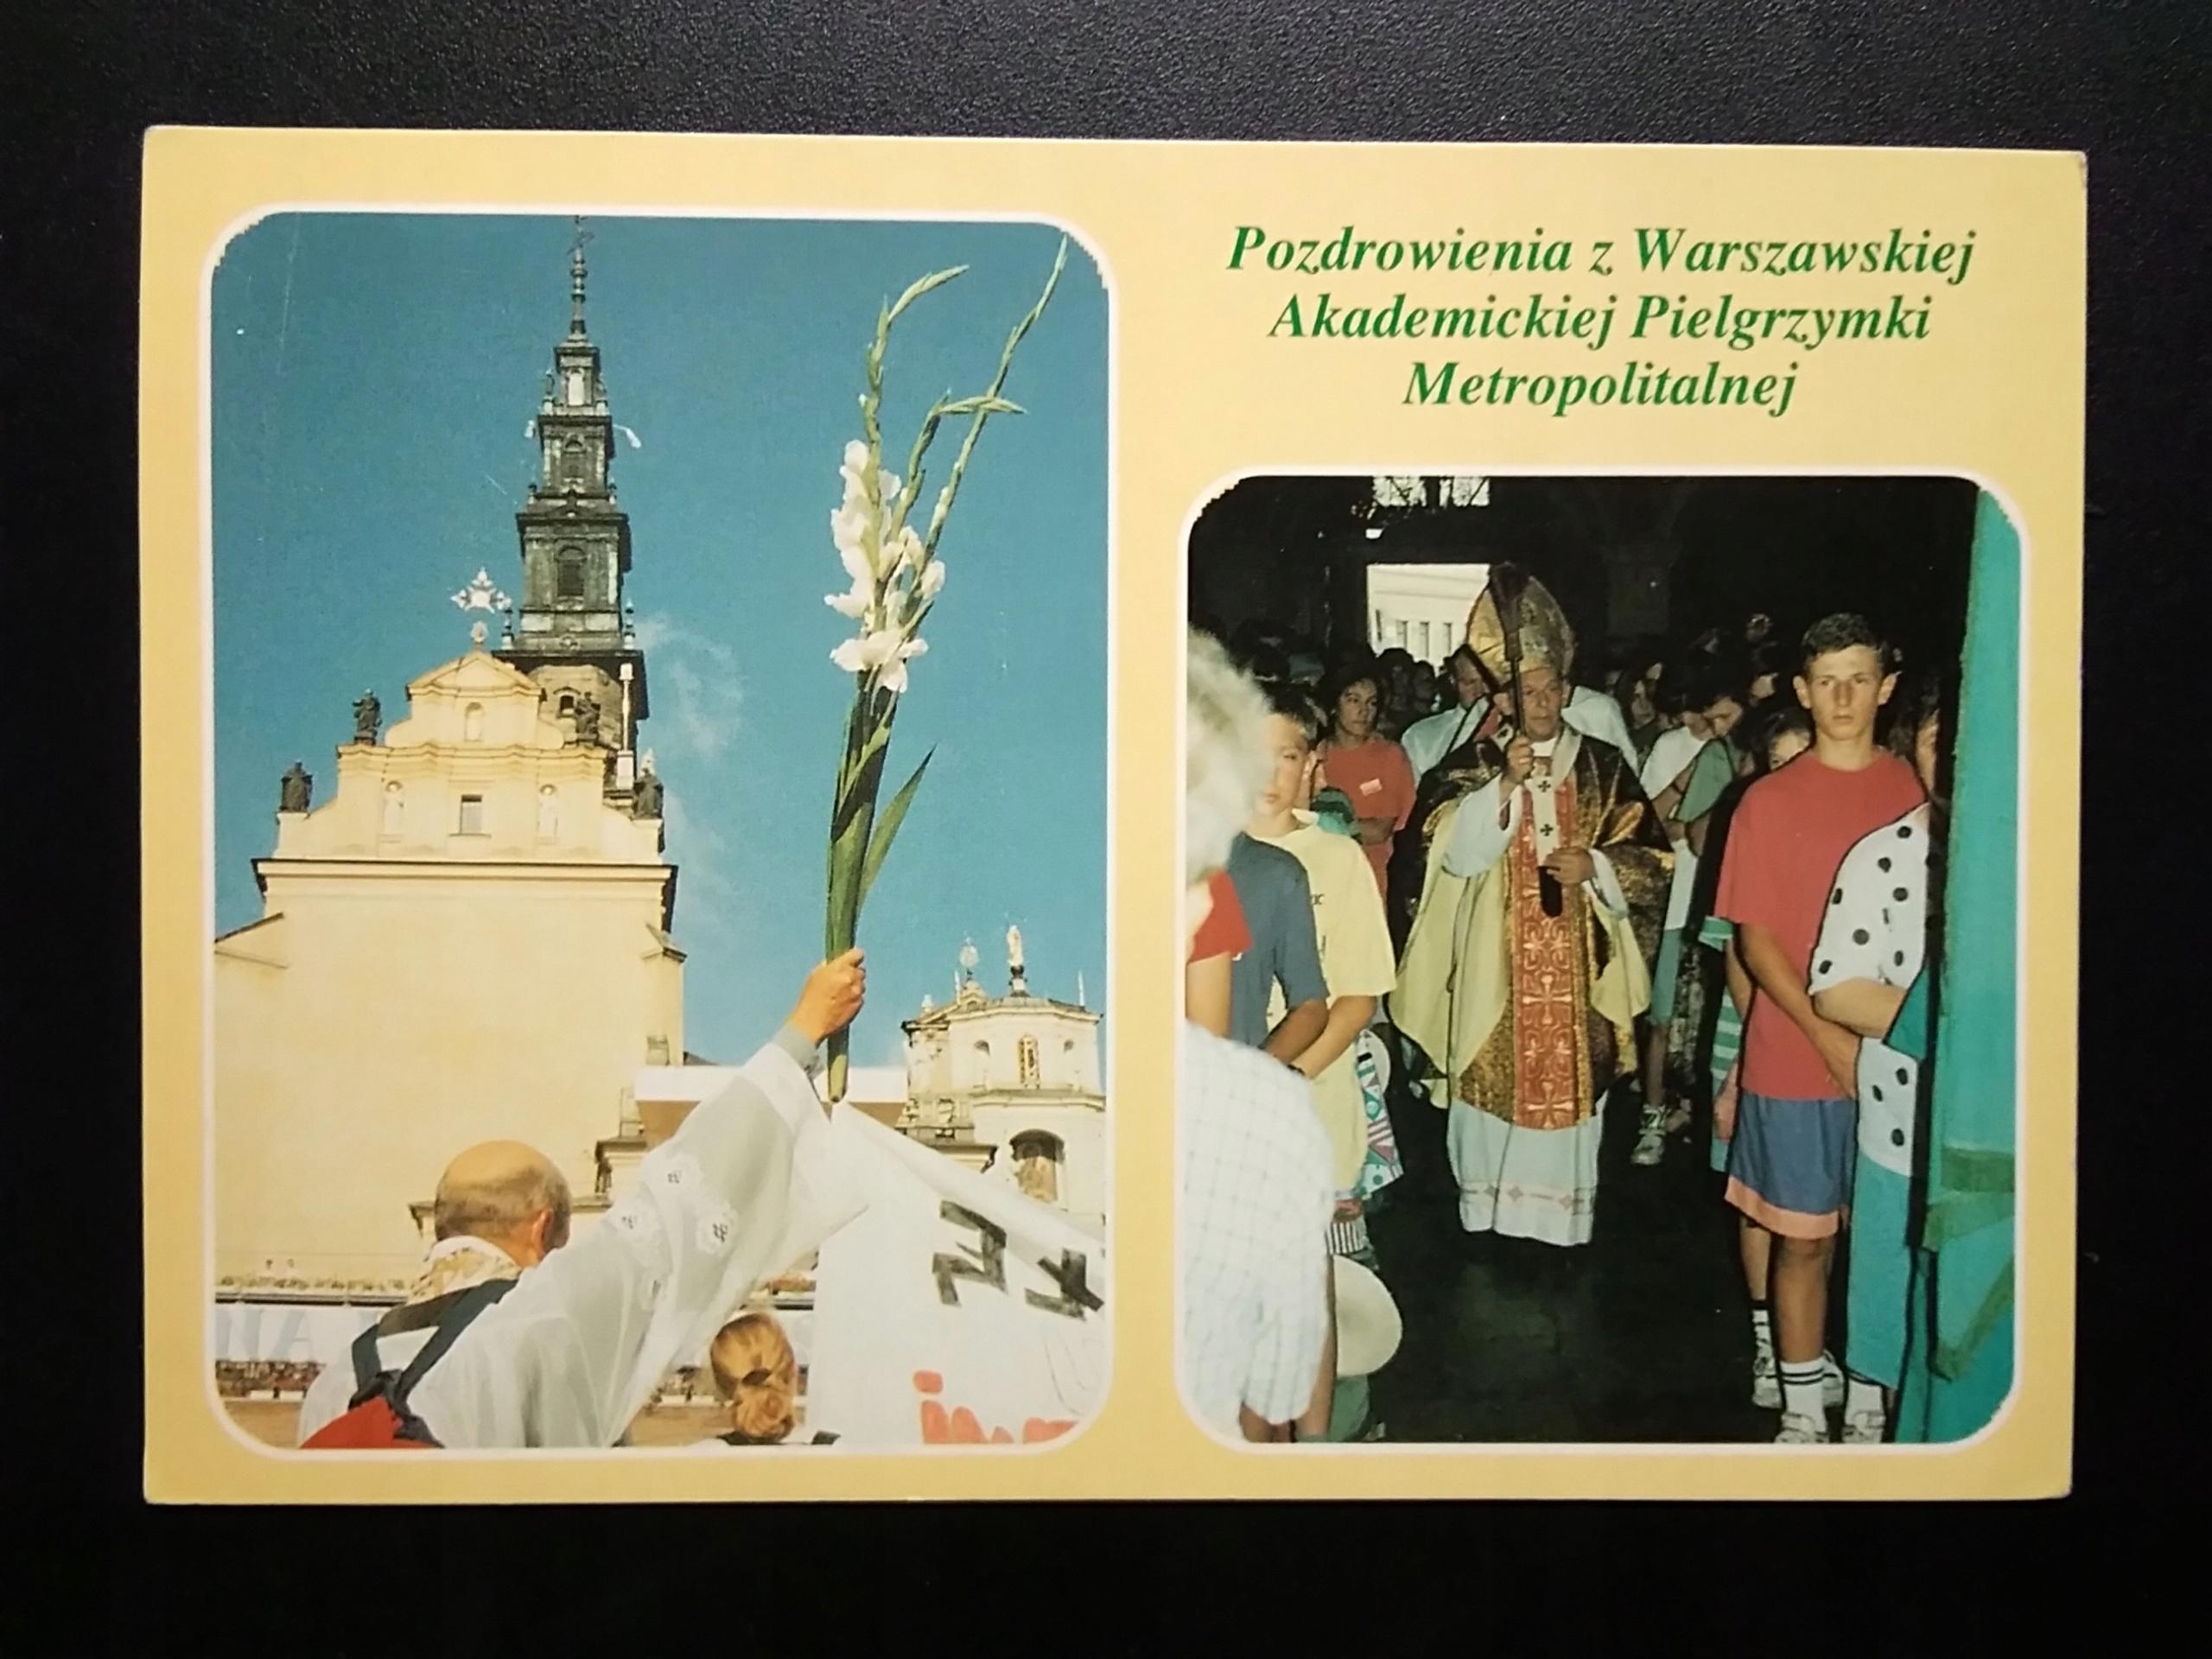 ВАРШАВСКИЙ ПАЛОМНИК Ясна Гура Глемп 1995